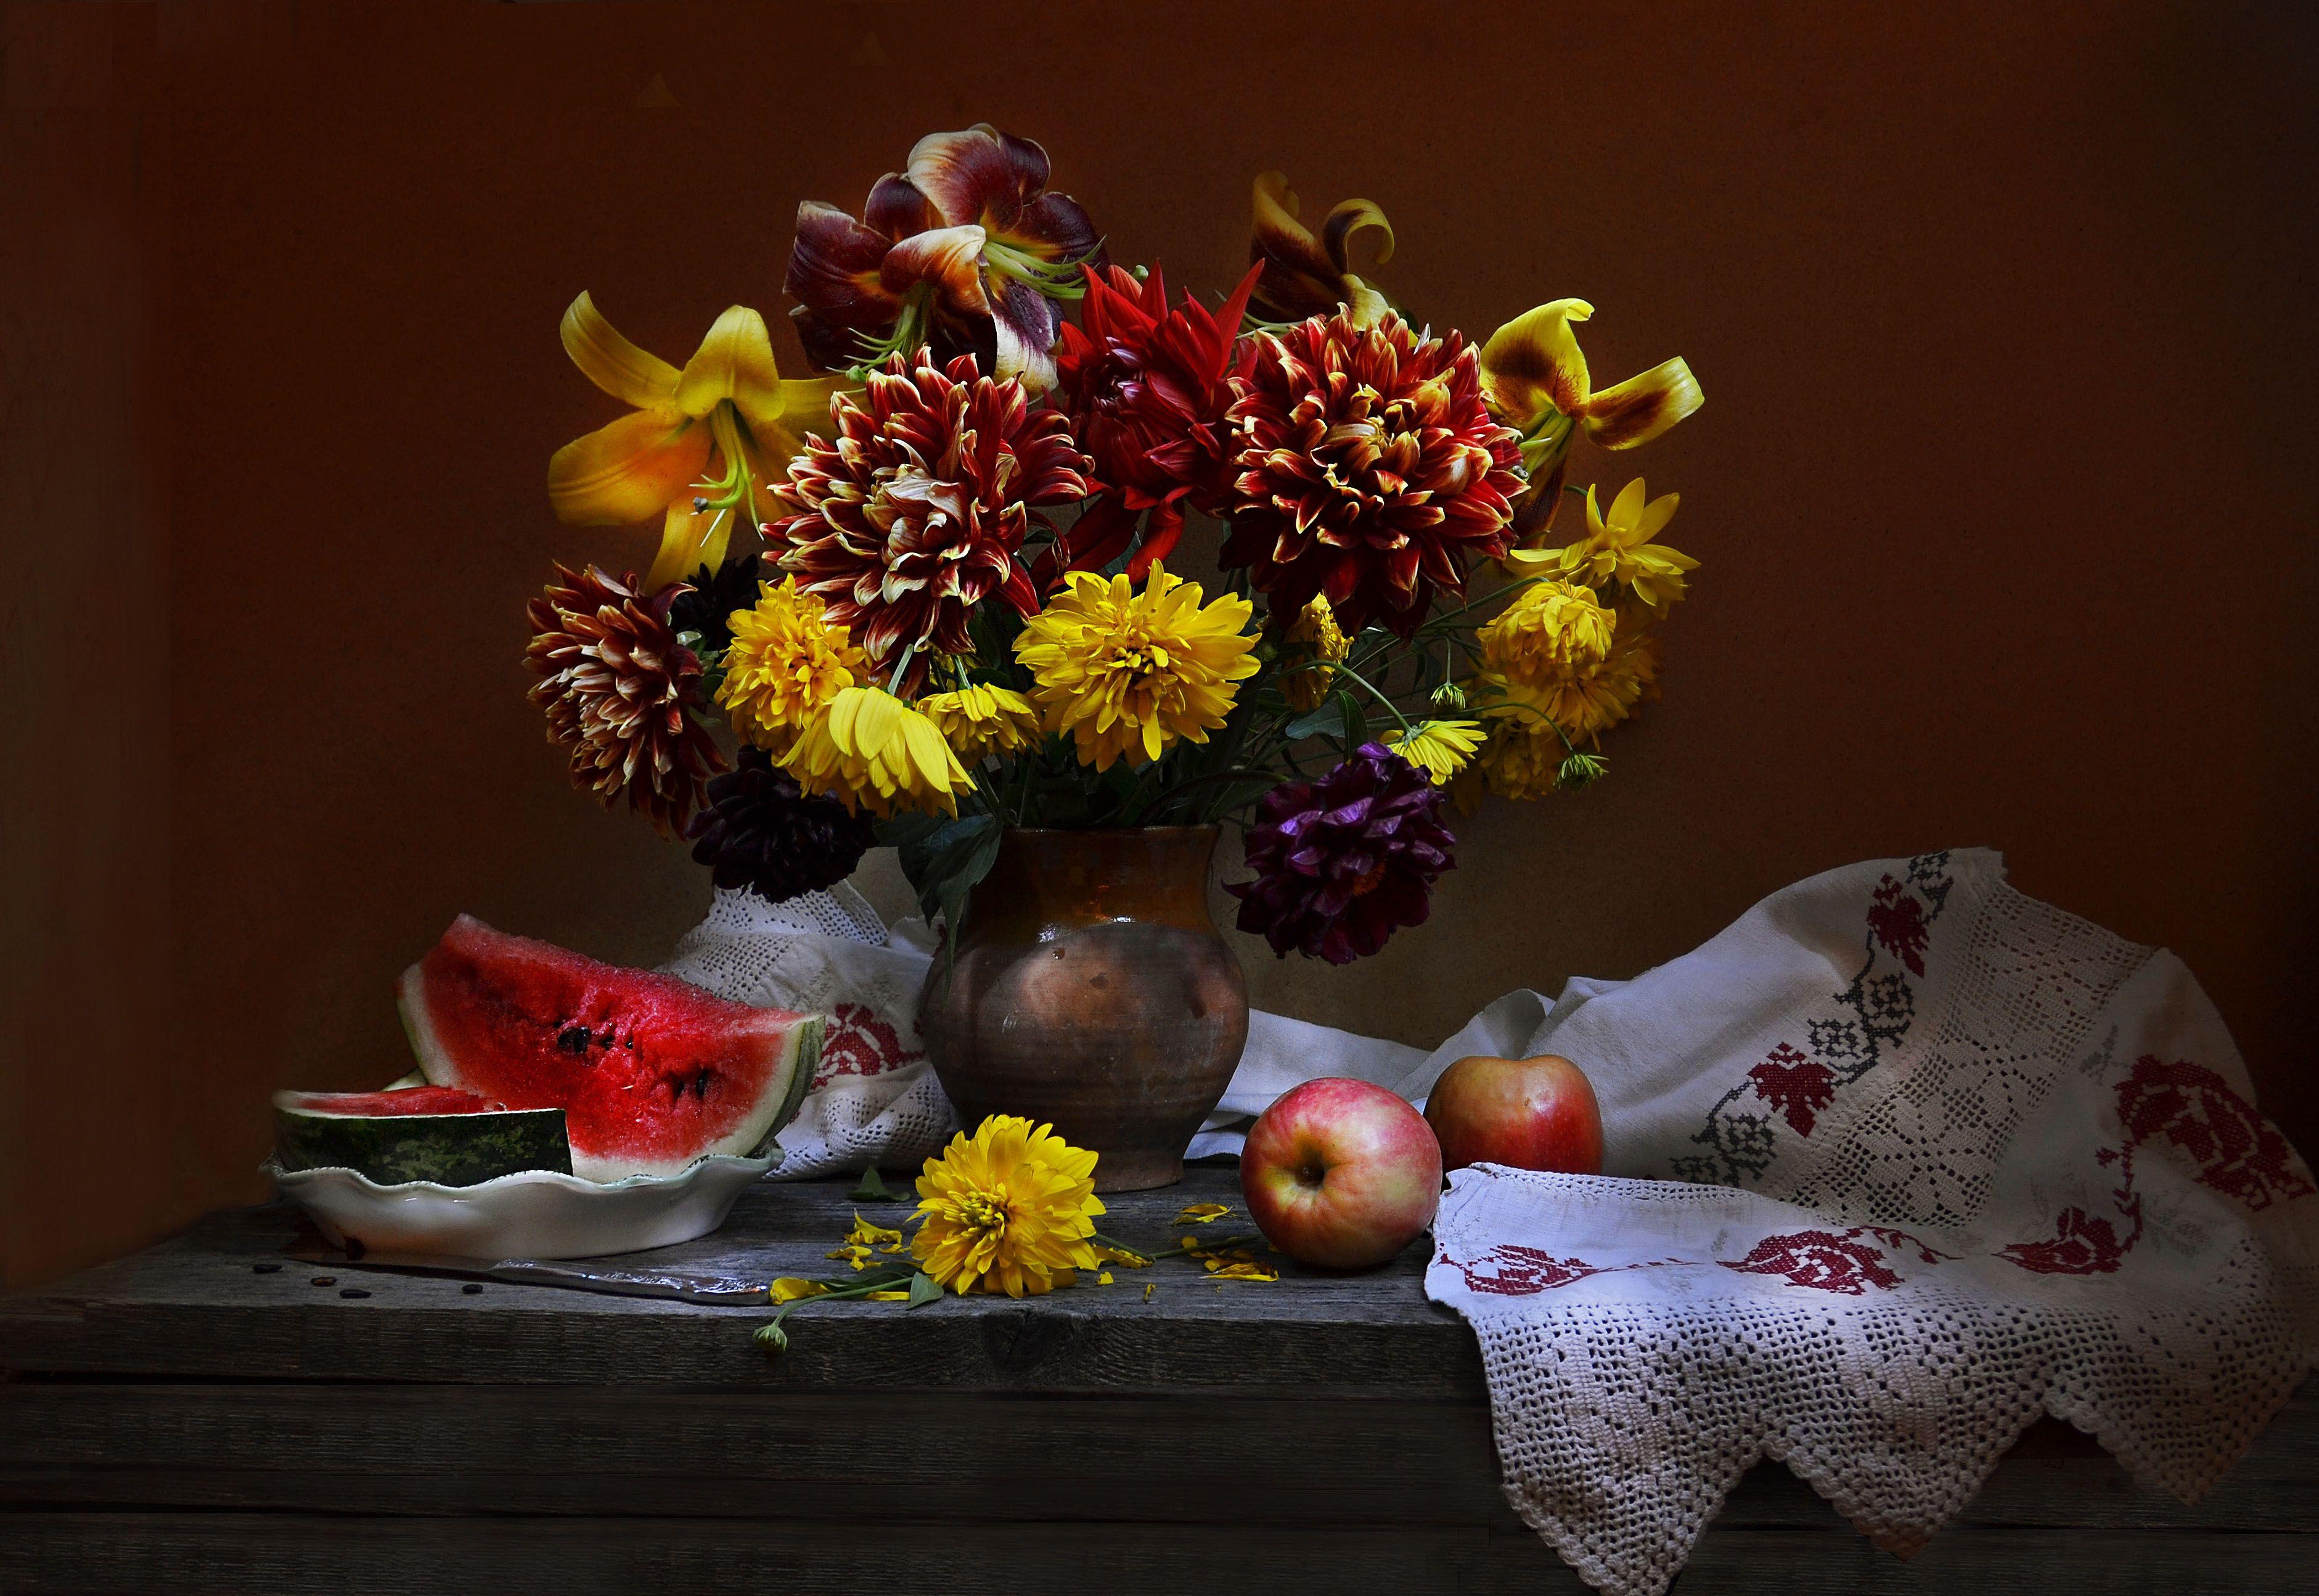 яблоки, цветы, фото натюрморт, настроение, лето, золотые шары, георгины, арбуз, август, Колова Валентина